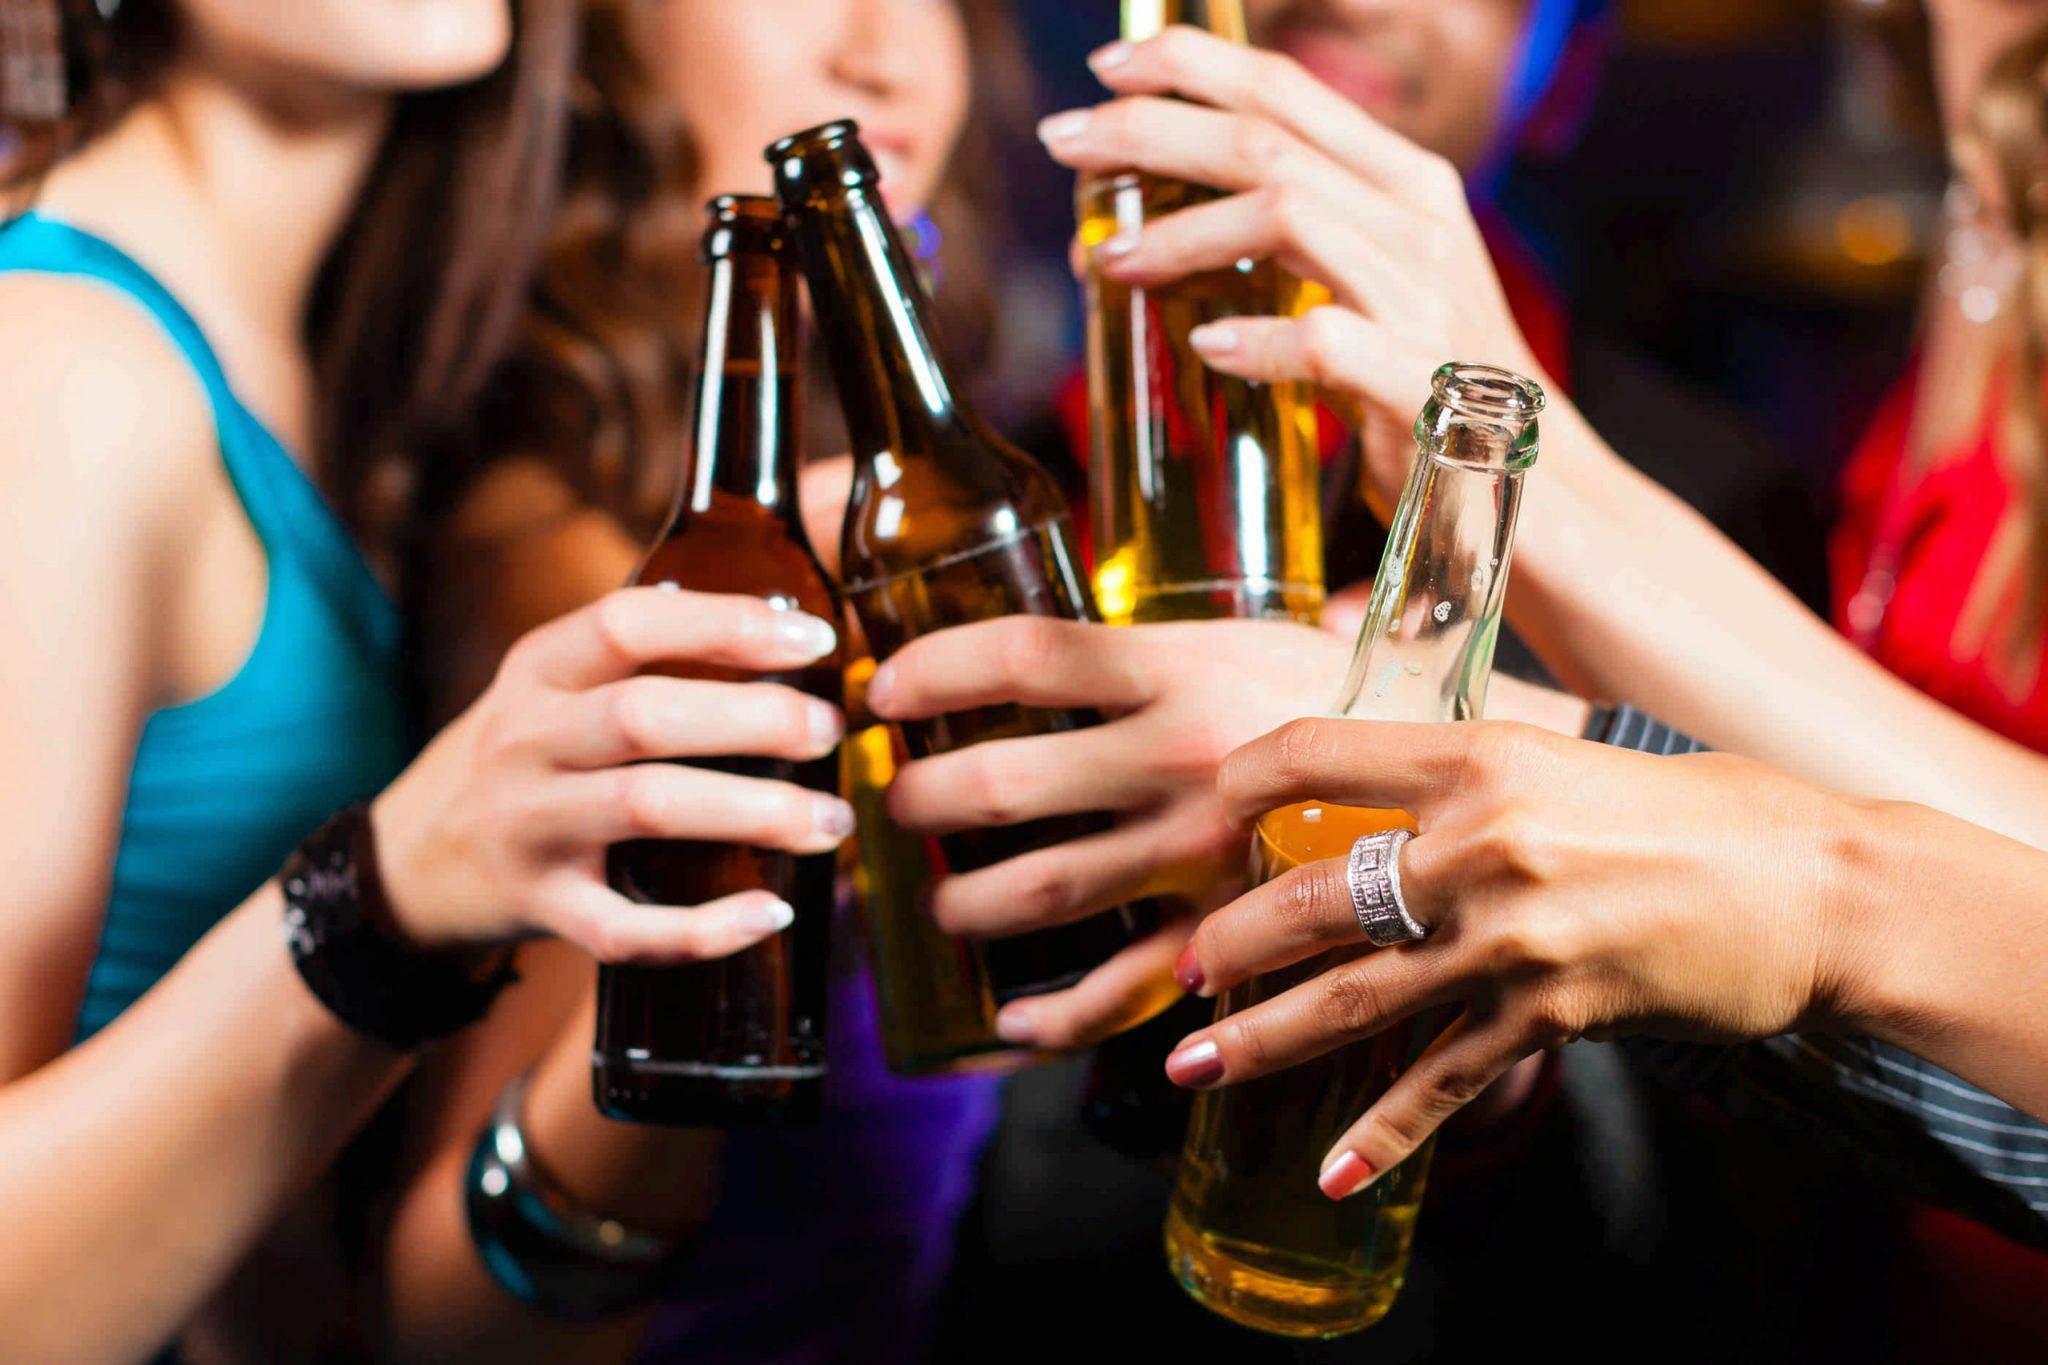 Можно ли навредить своему здоровью, умеренно употребляя алкоголь?